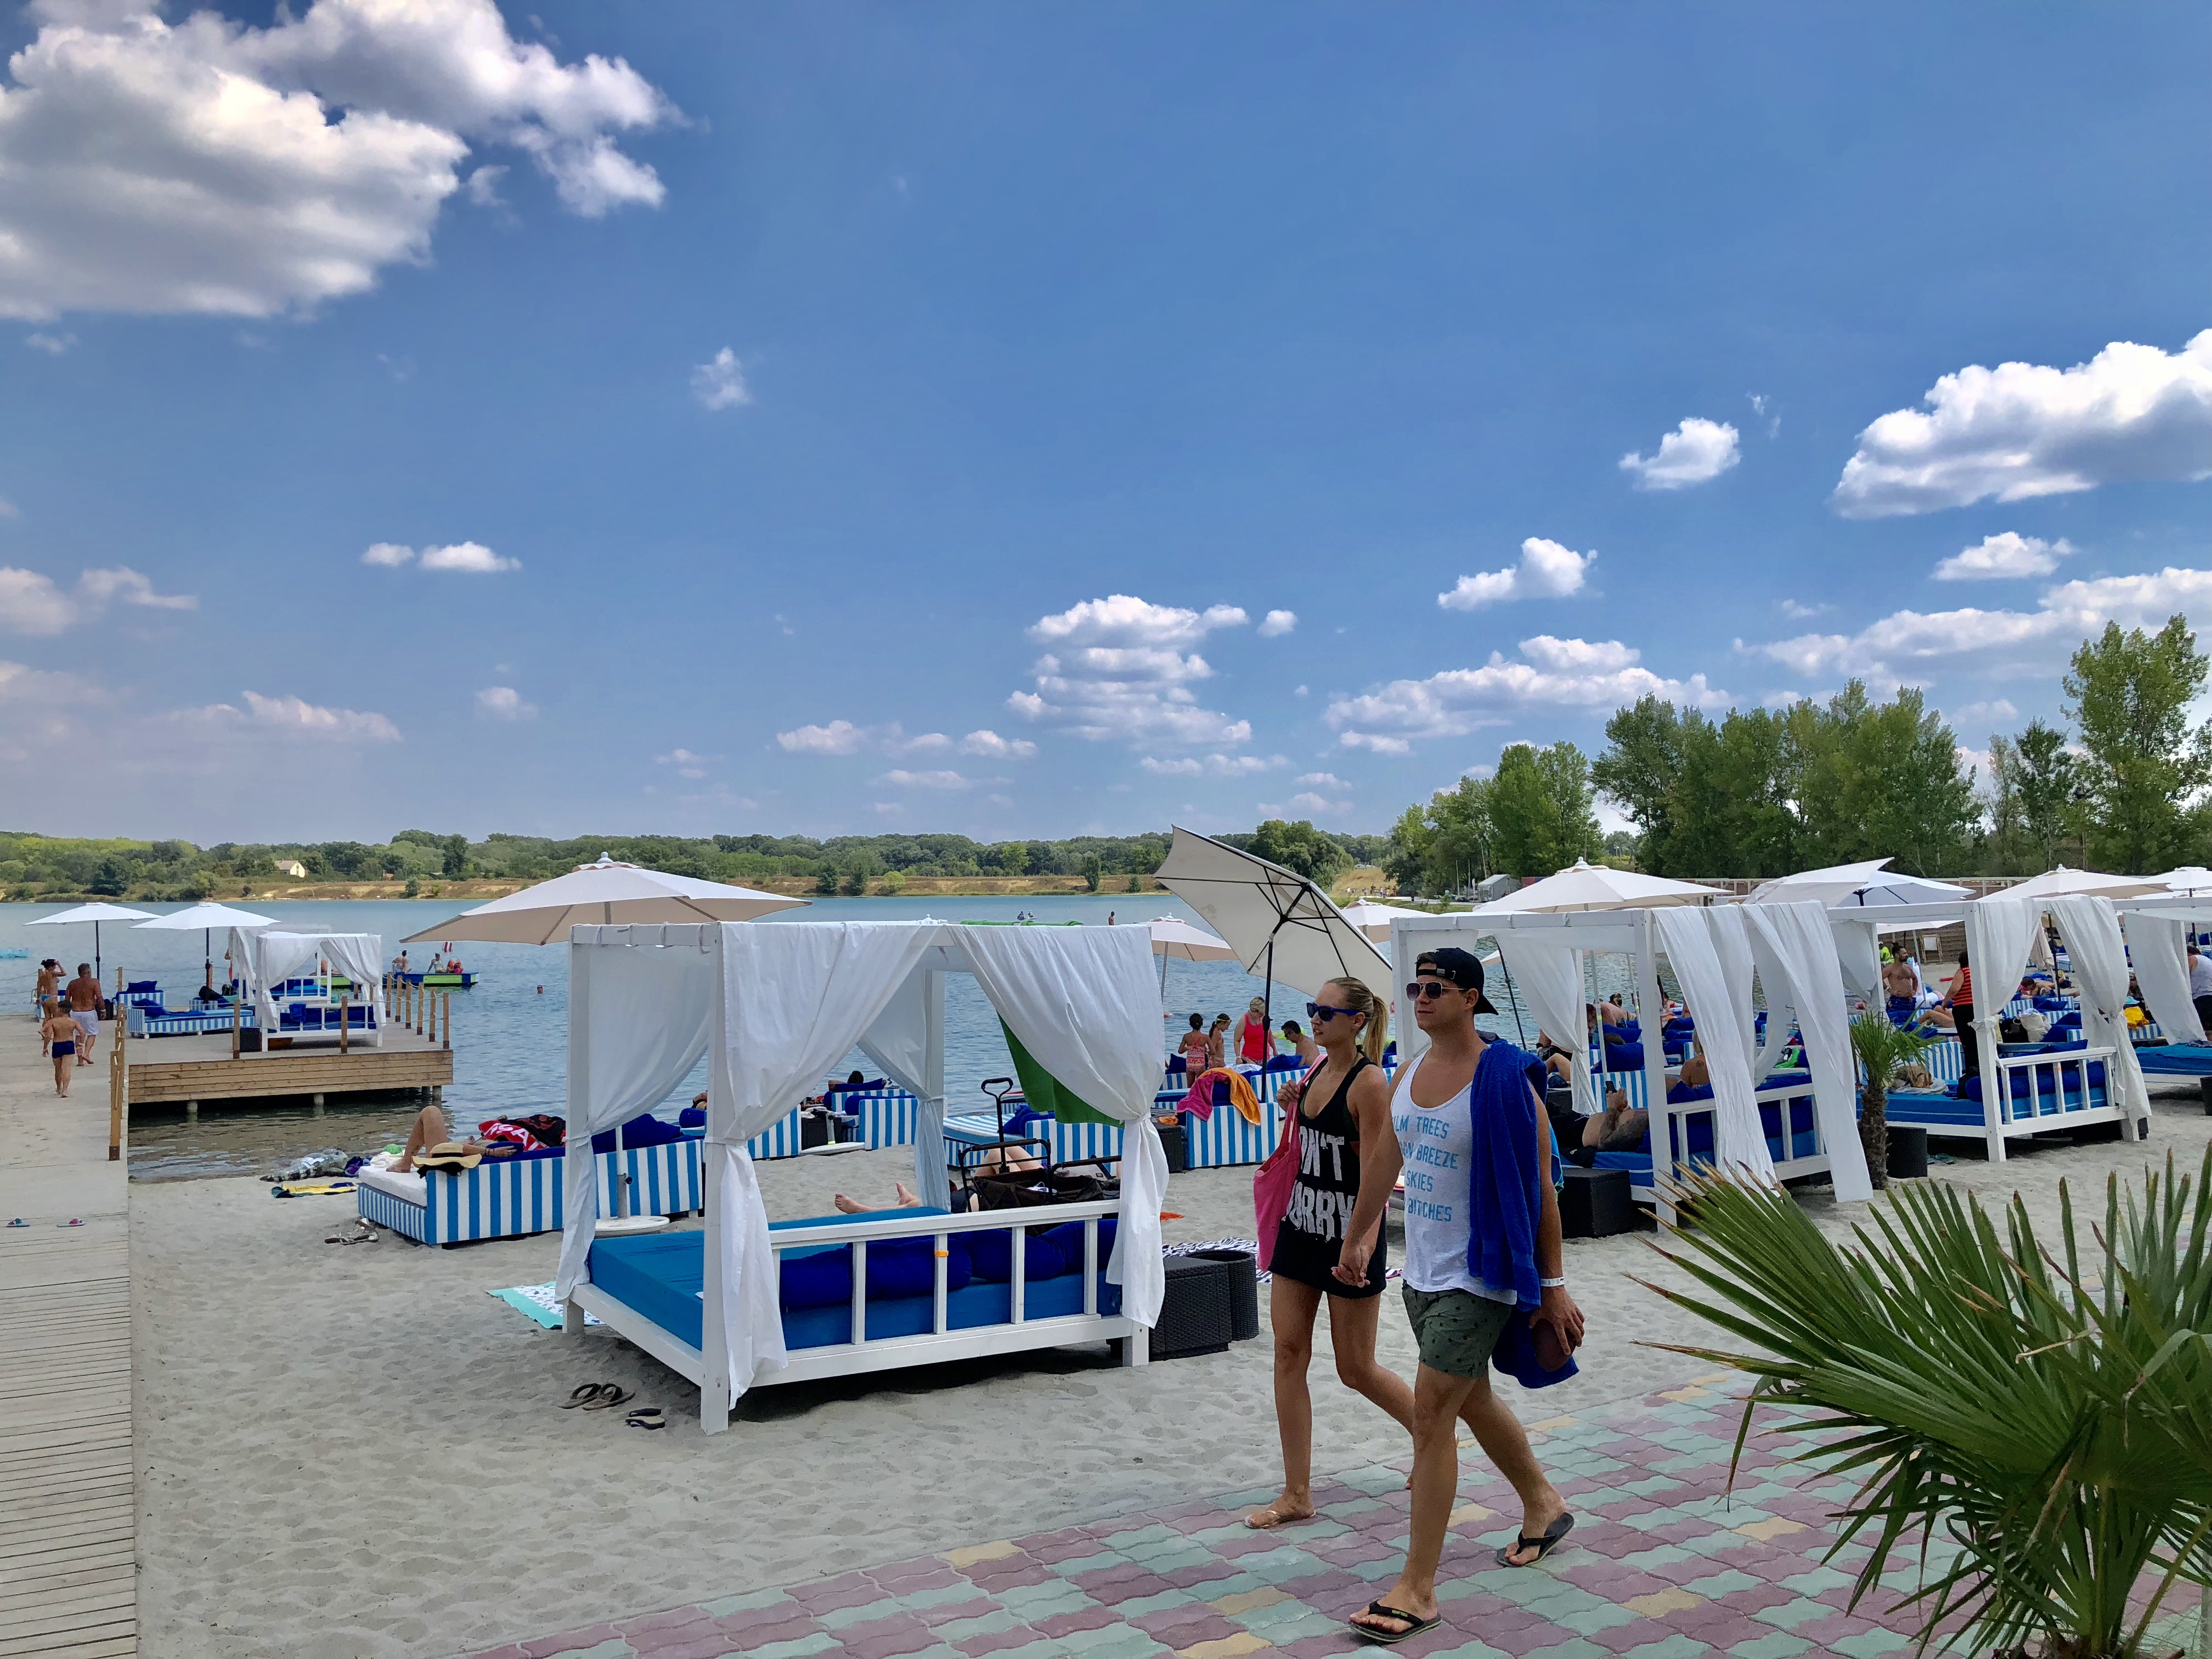 Prémium strand a Lupa-tónál, Budapest mellett. Fotó: Kiss Róbert Richard